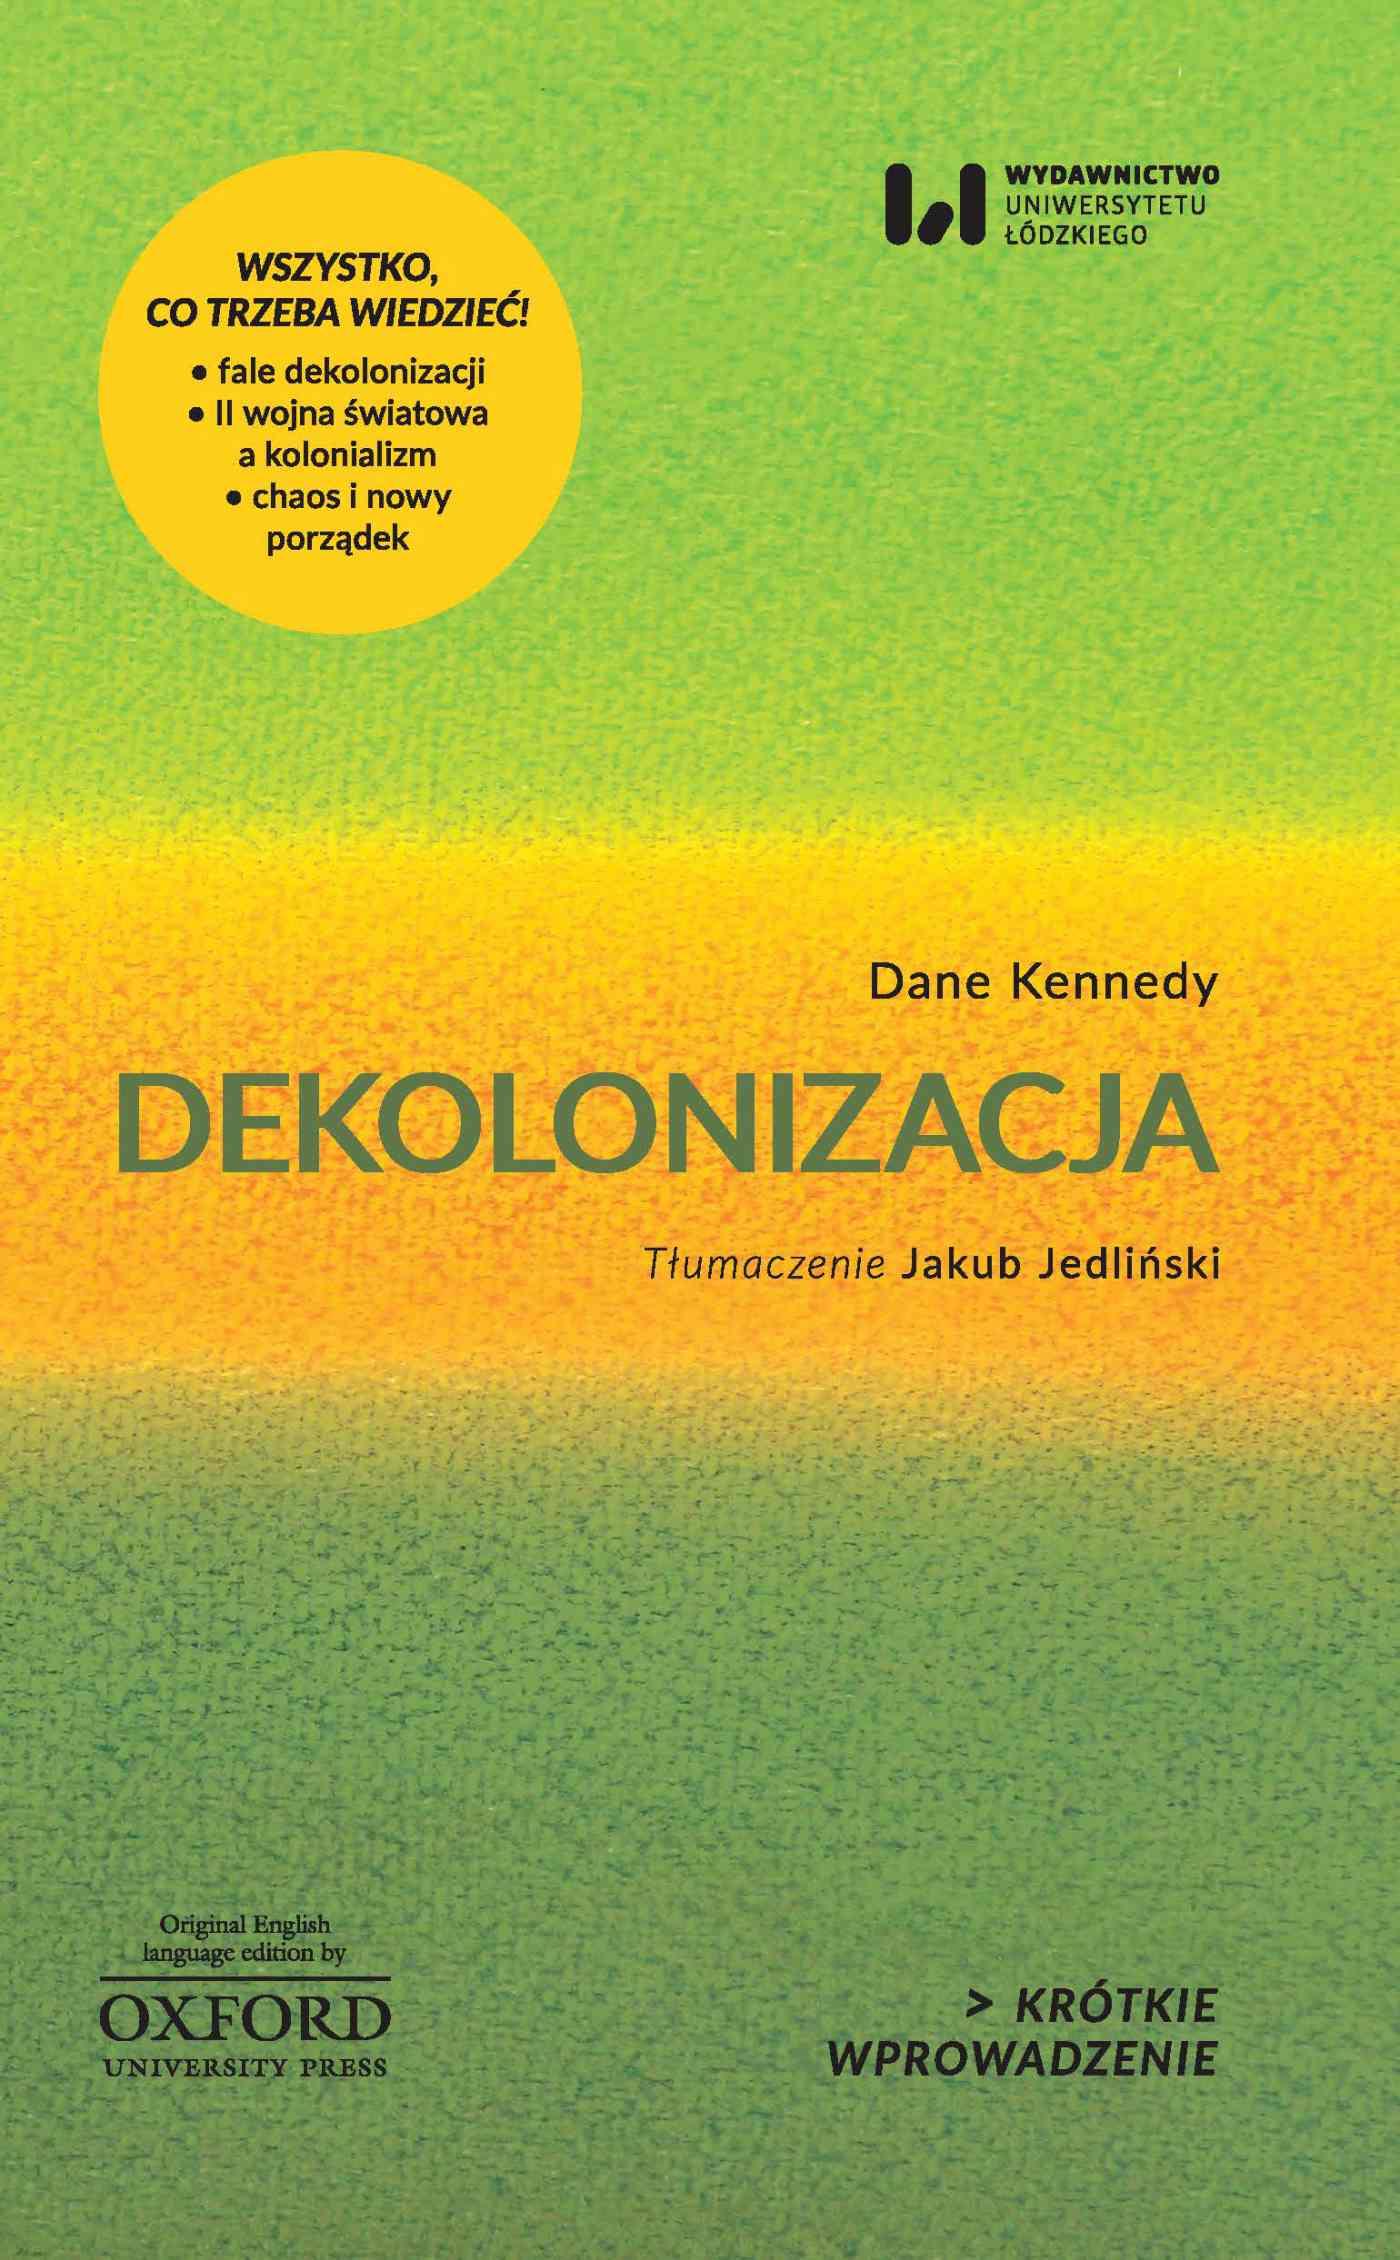 Dekolonizacja. Krótkie wprowadzenie 3 - Ebook (Książka PDF) do pobrania w formacie PDF